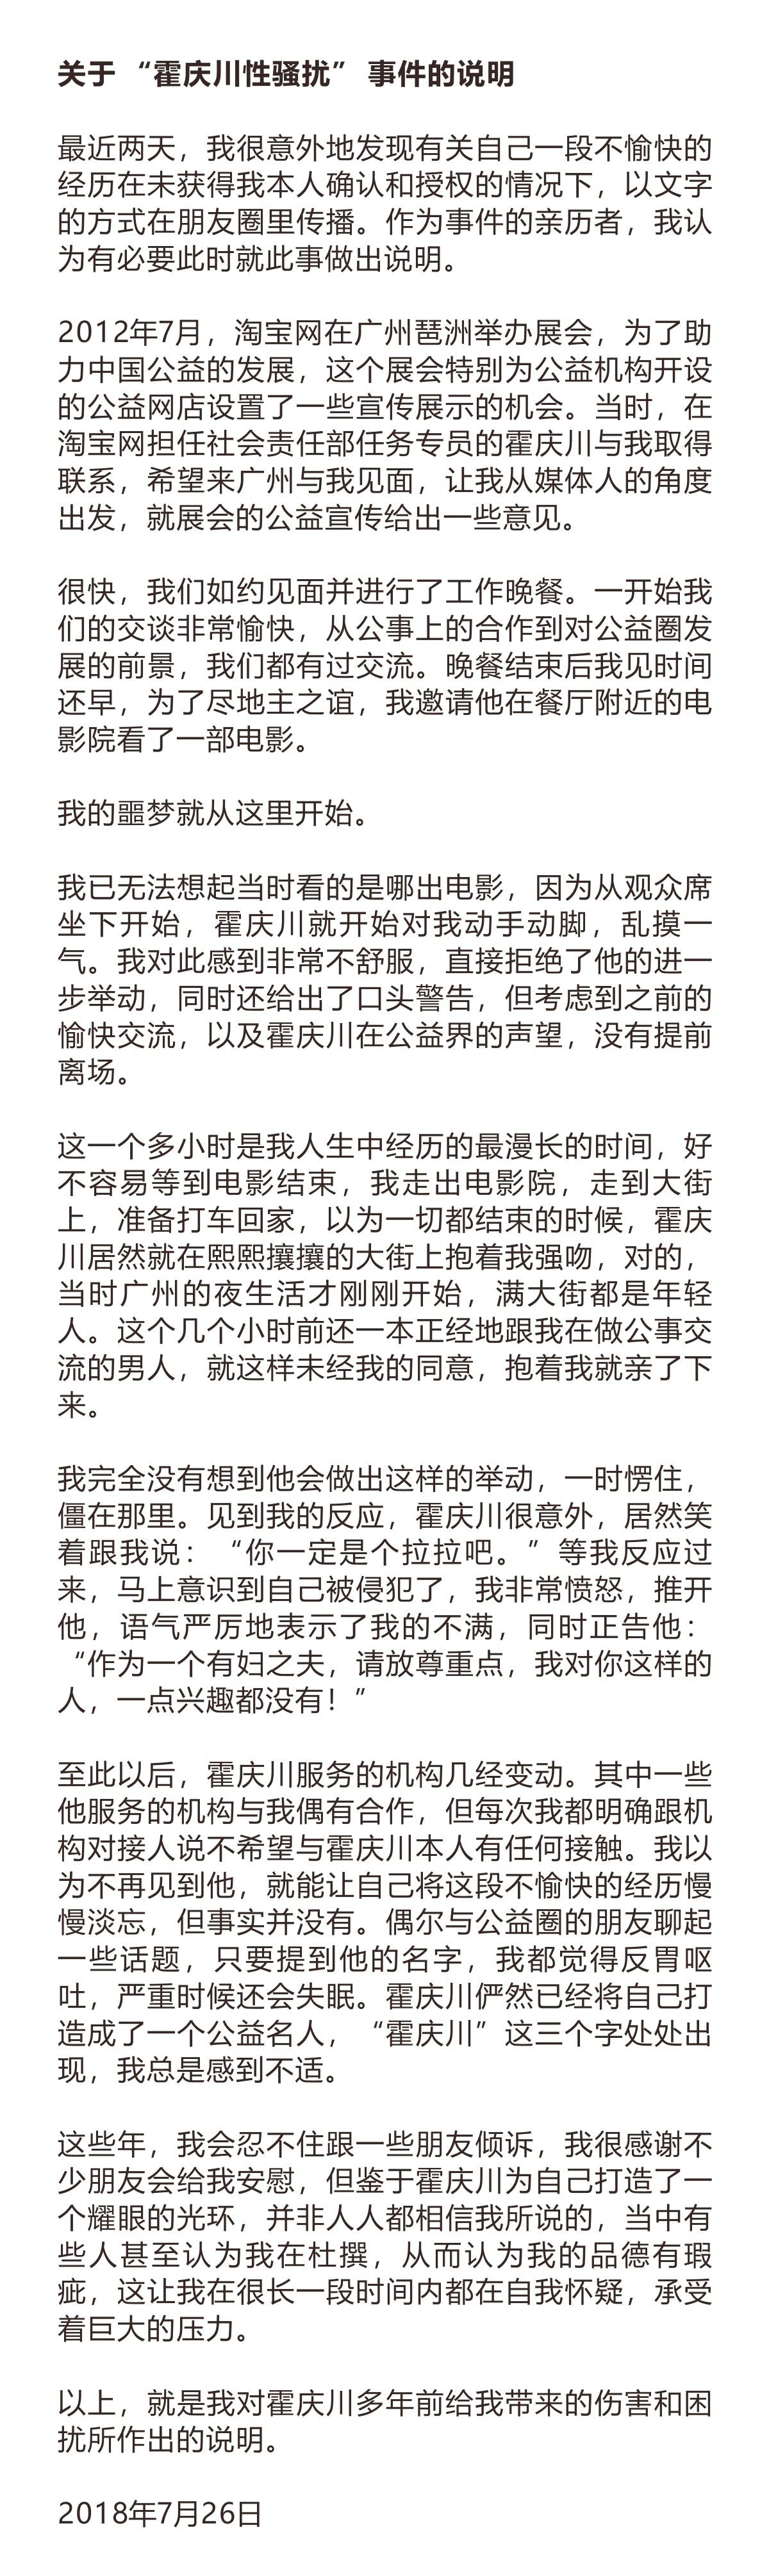 霍庆川事件当事人举报.png